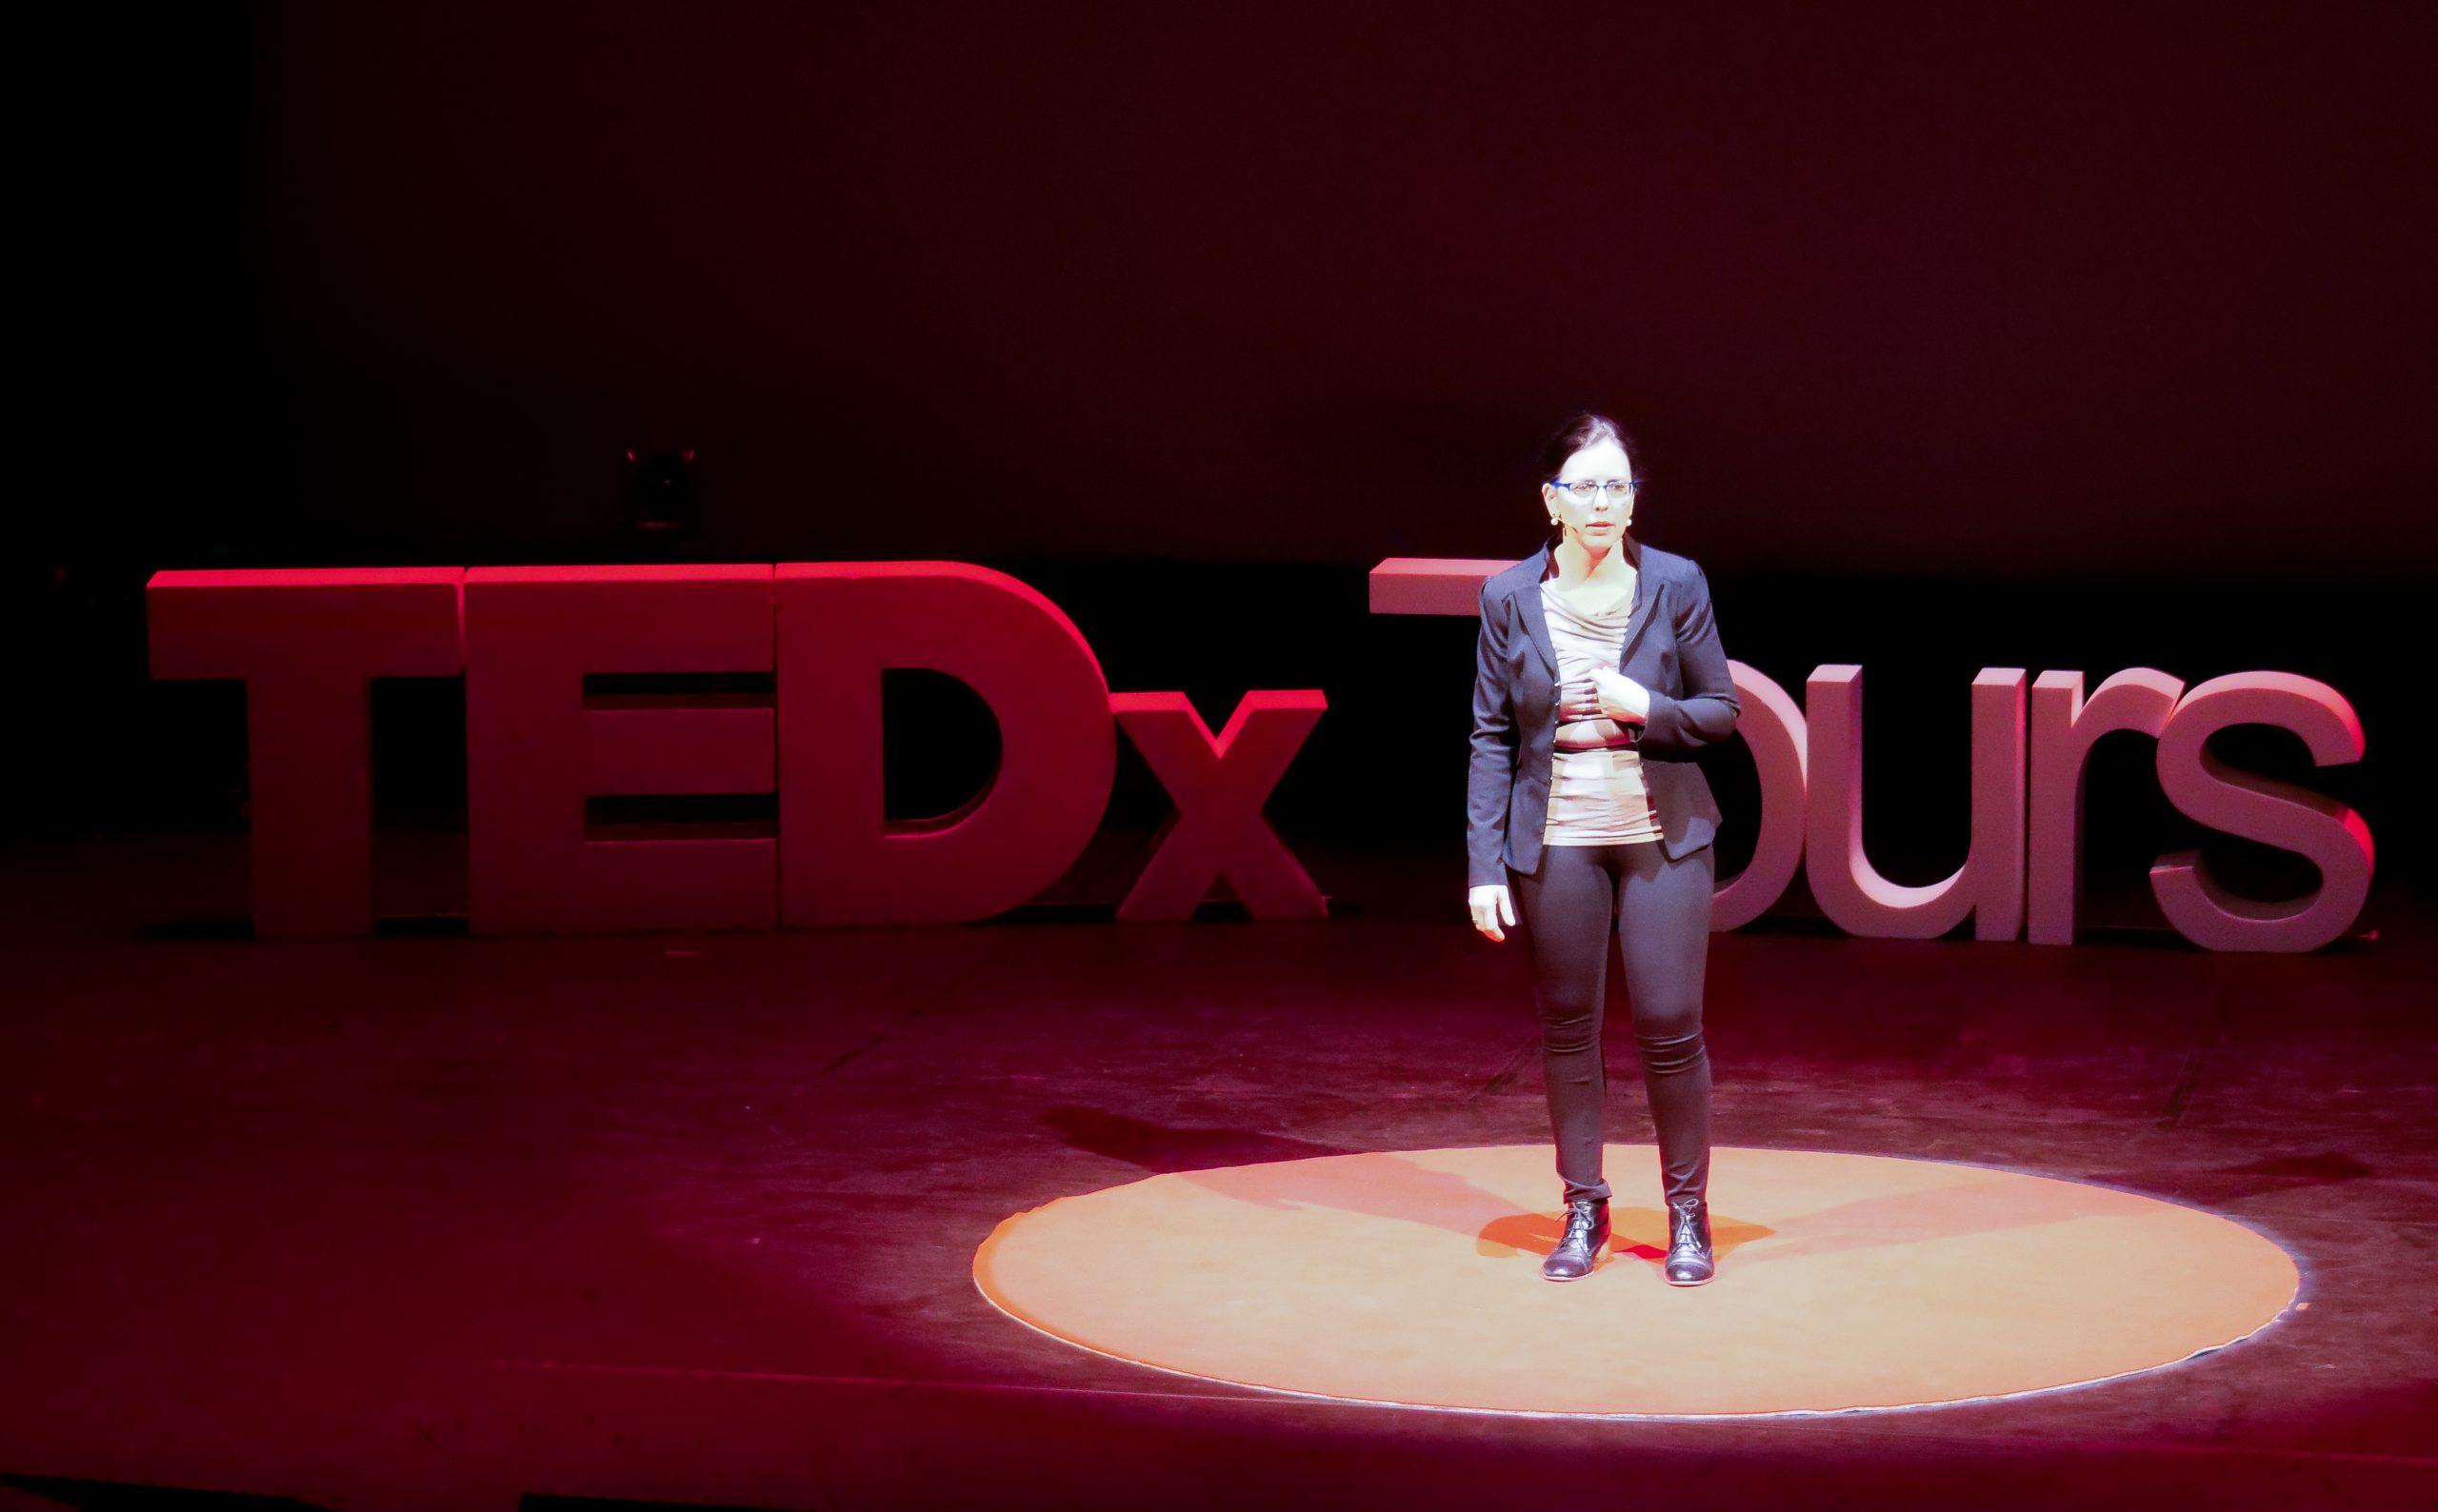 TEDxTours 2018 21